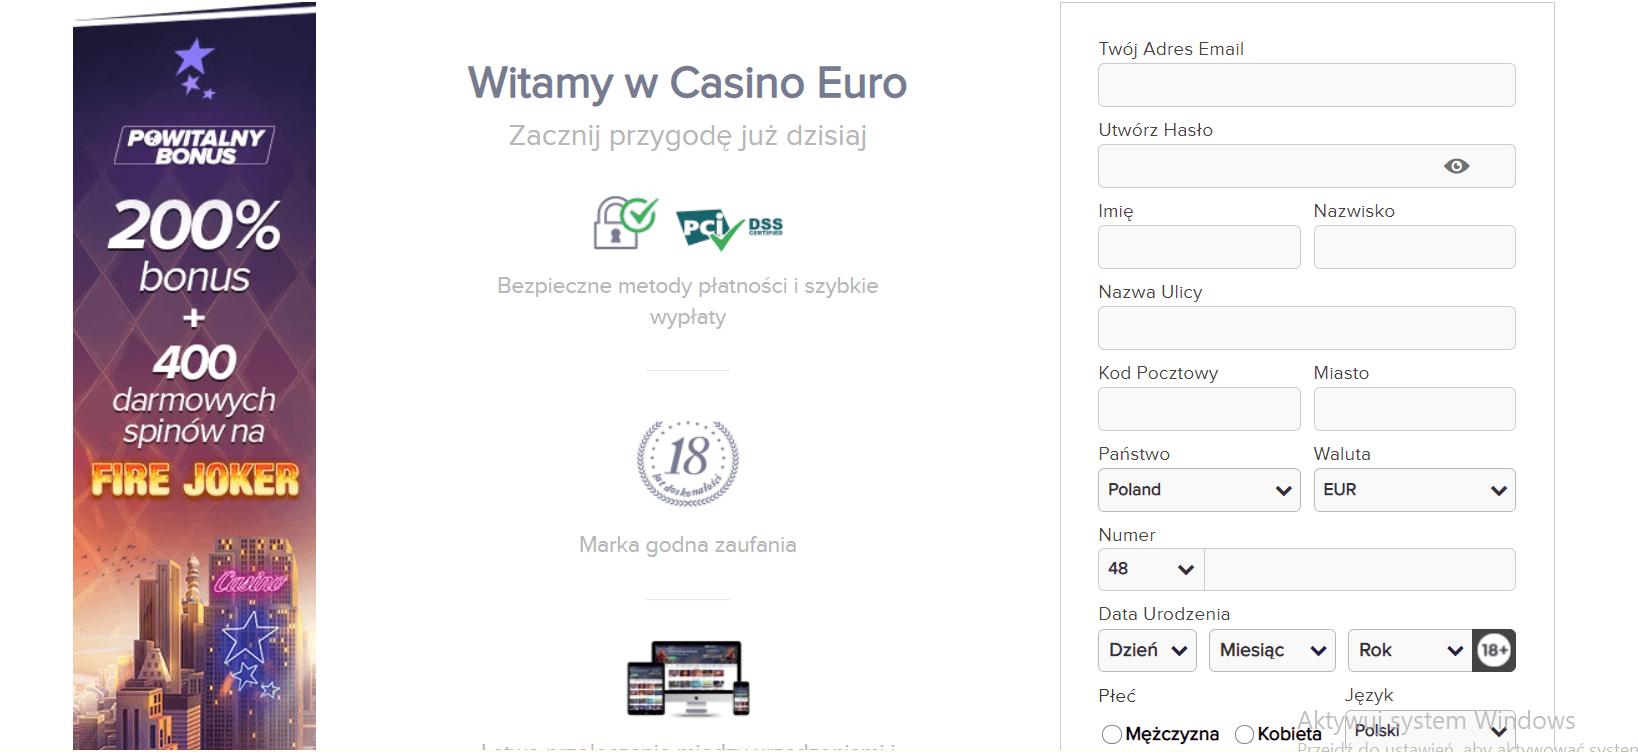 casinoeuro rejestracja i logowanie screenshot